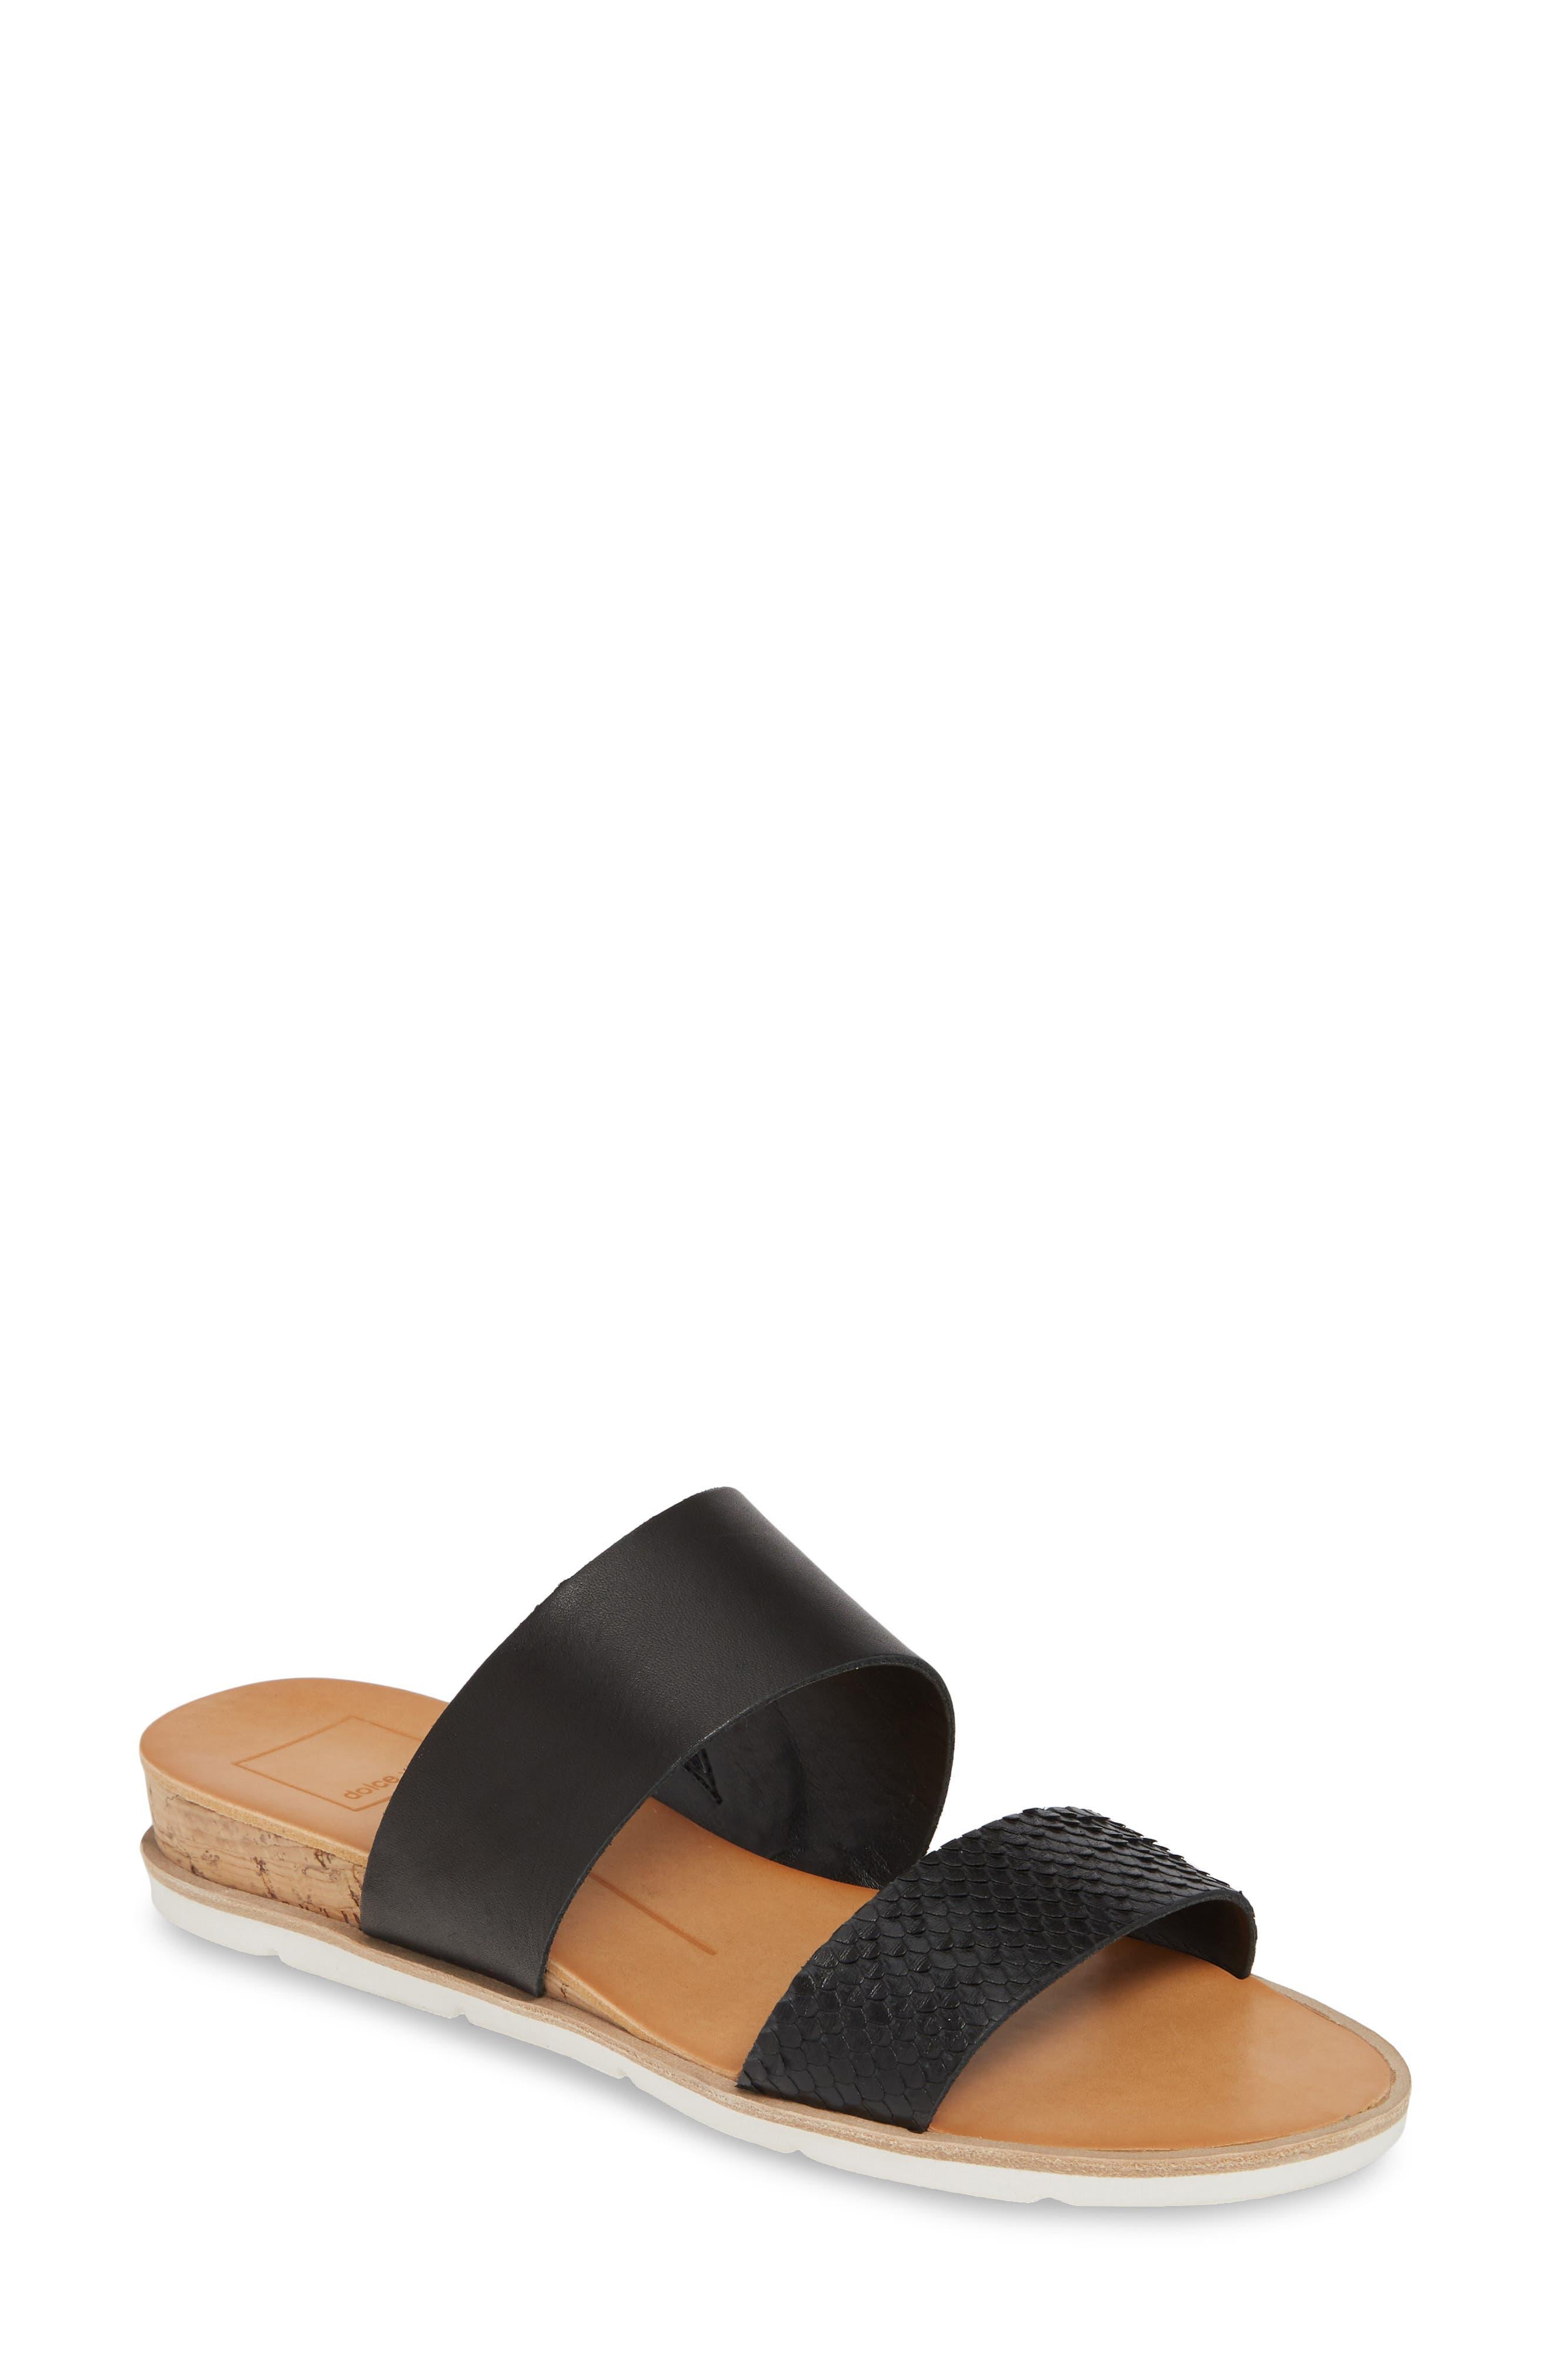 DOLCE VITA Vala Wedge Slide Sandal, Main, color, BLACK LEATHER